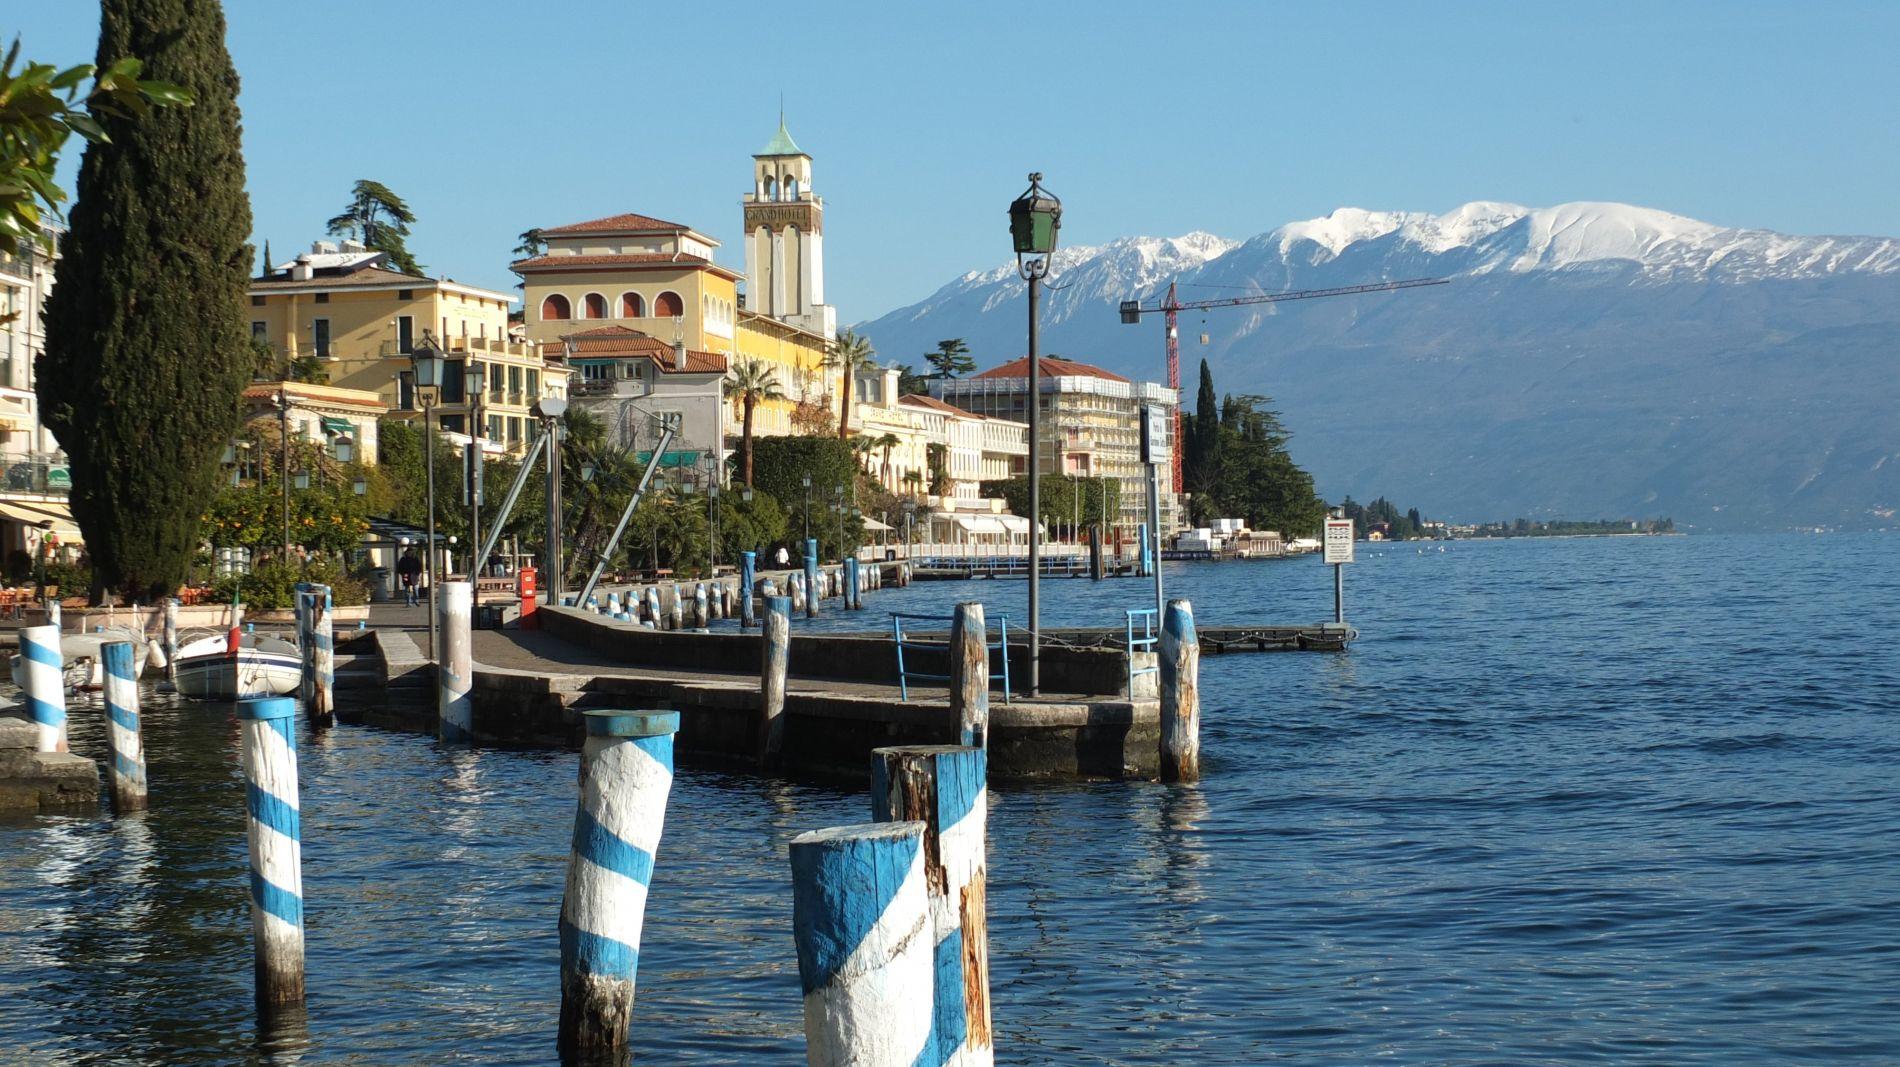 Borgo di Gardone Riviera